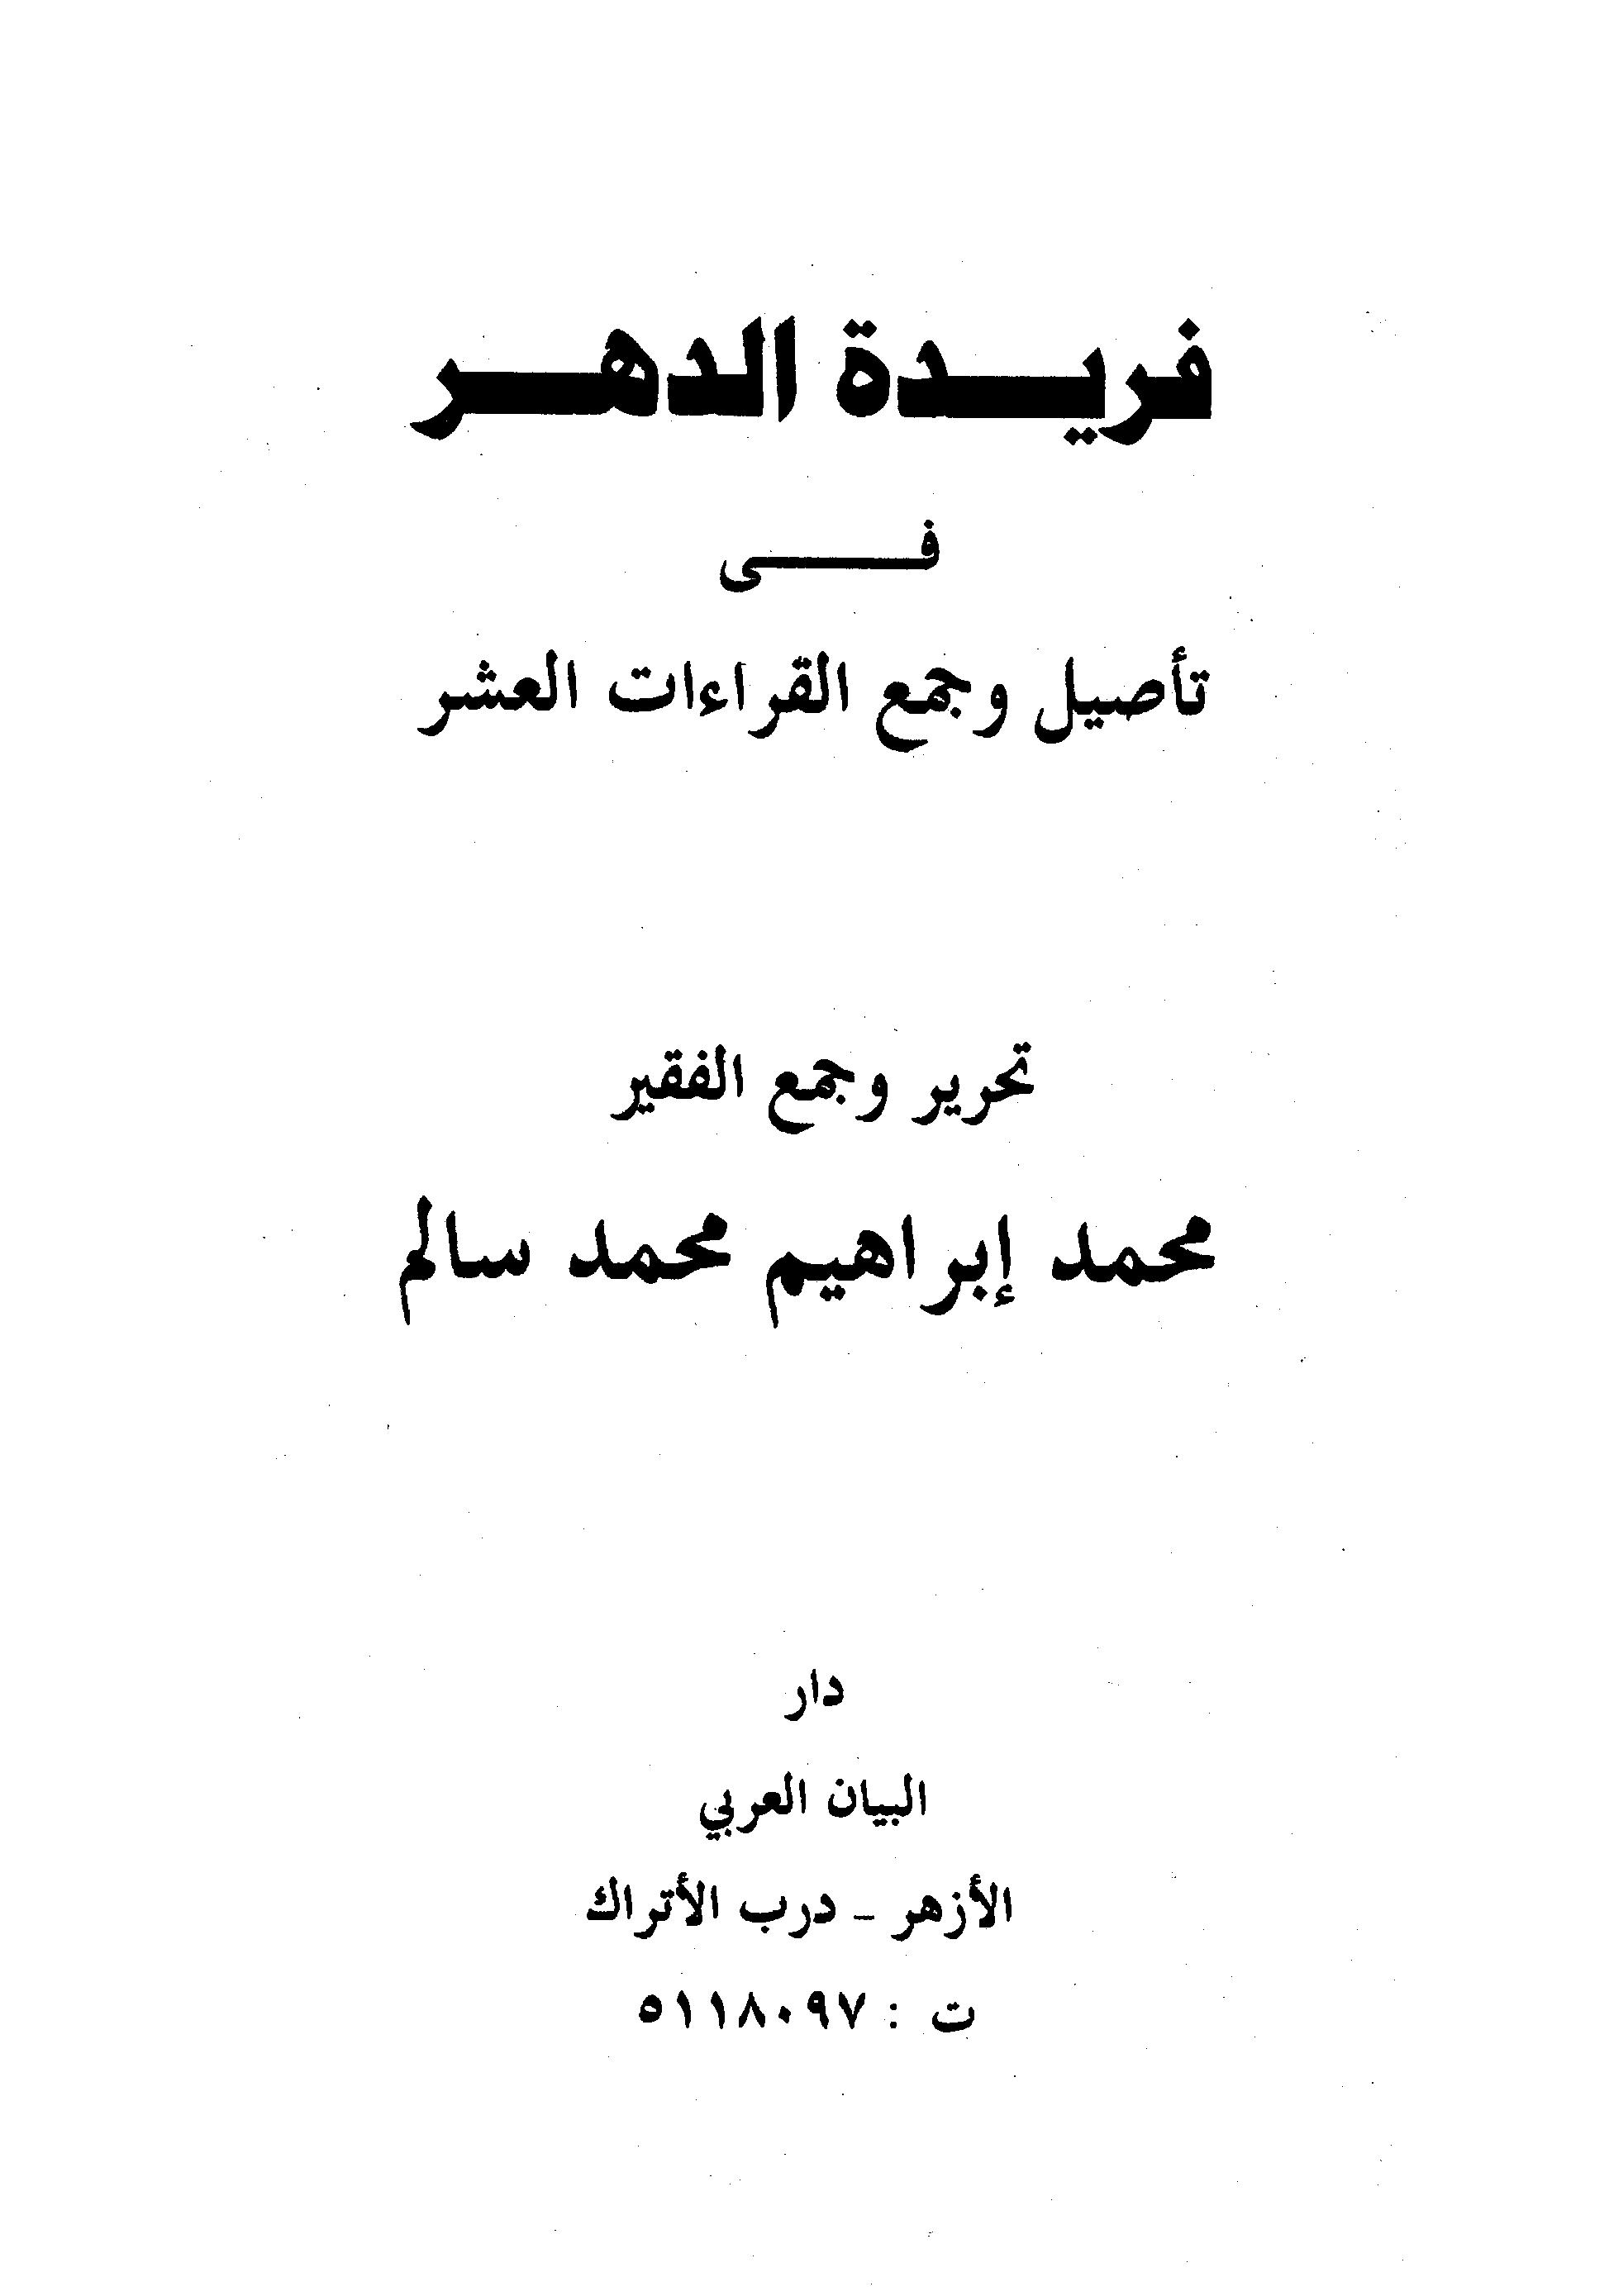 فريدة الدهر في تأصيل وجمع القراءات العشر محمد إبراهيم محمد سالم الحنفي ت 1430 Books Math Calligraphy